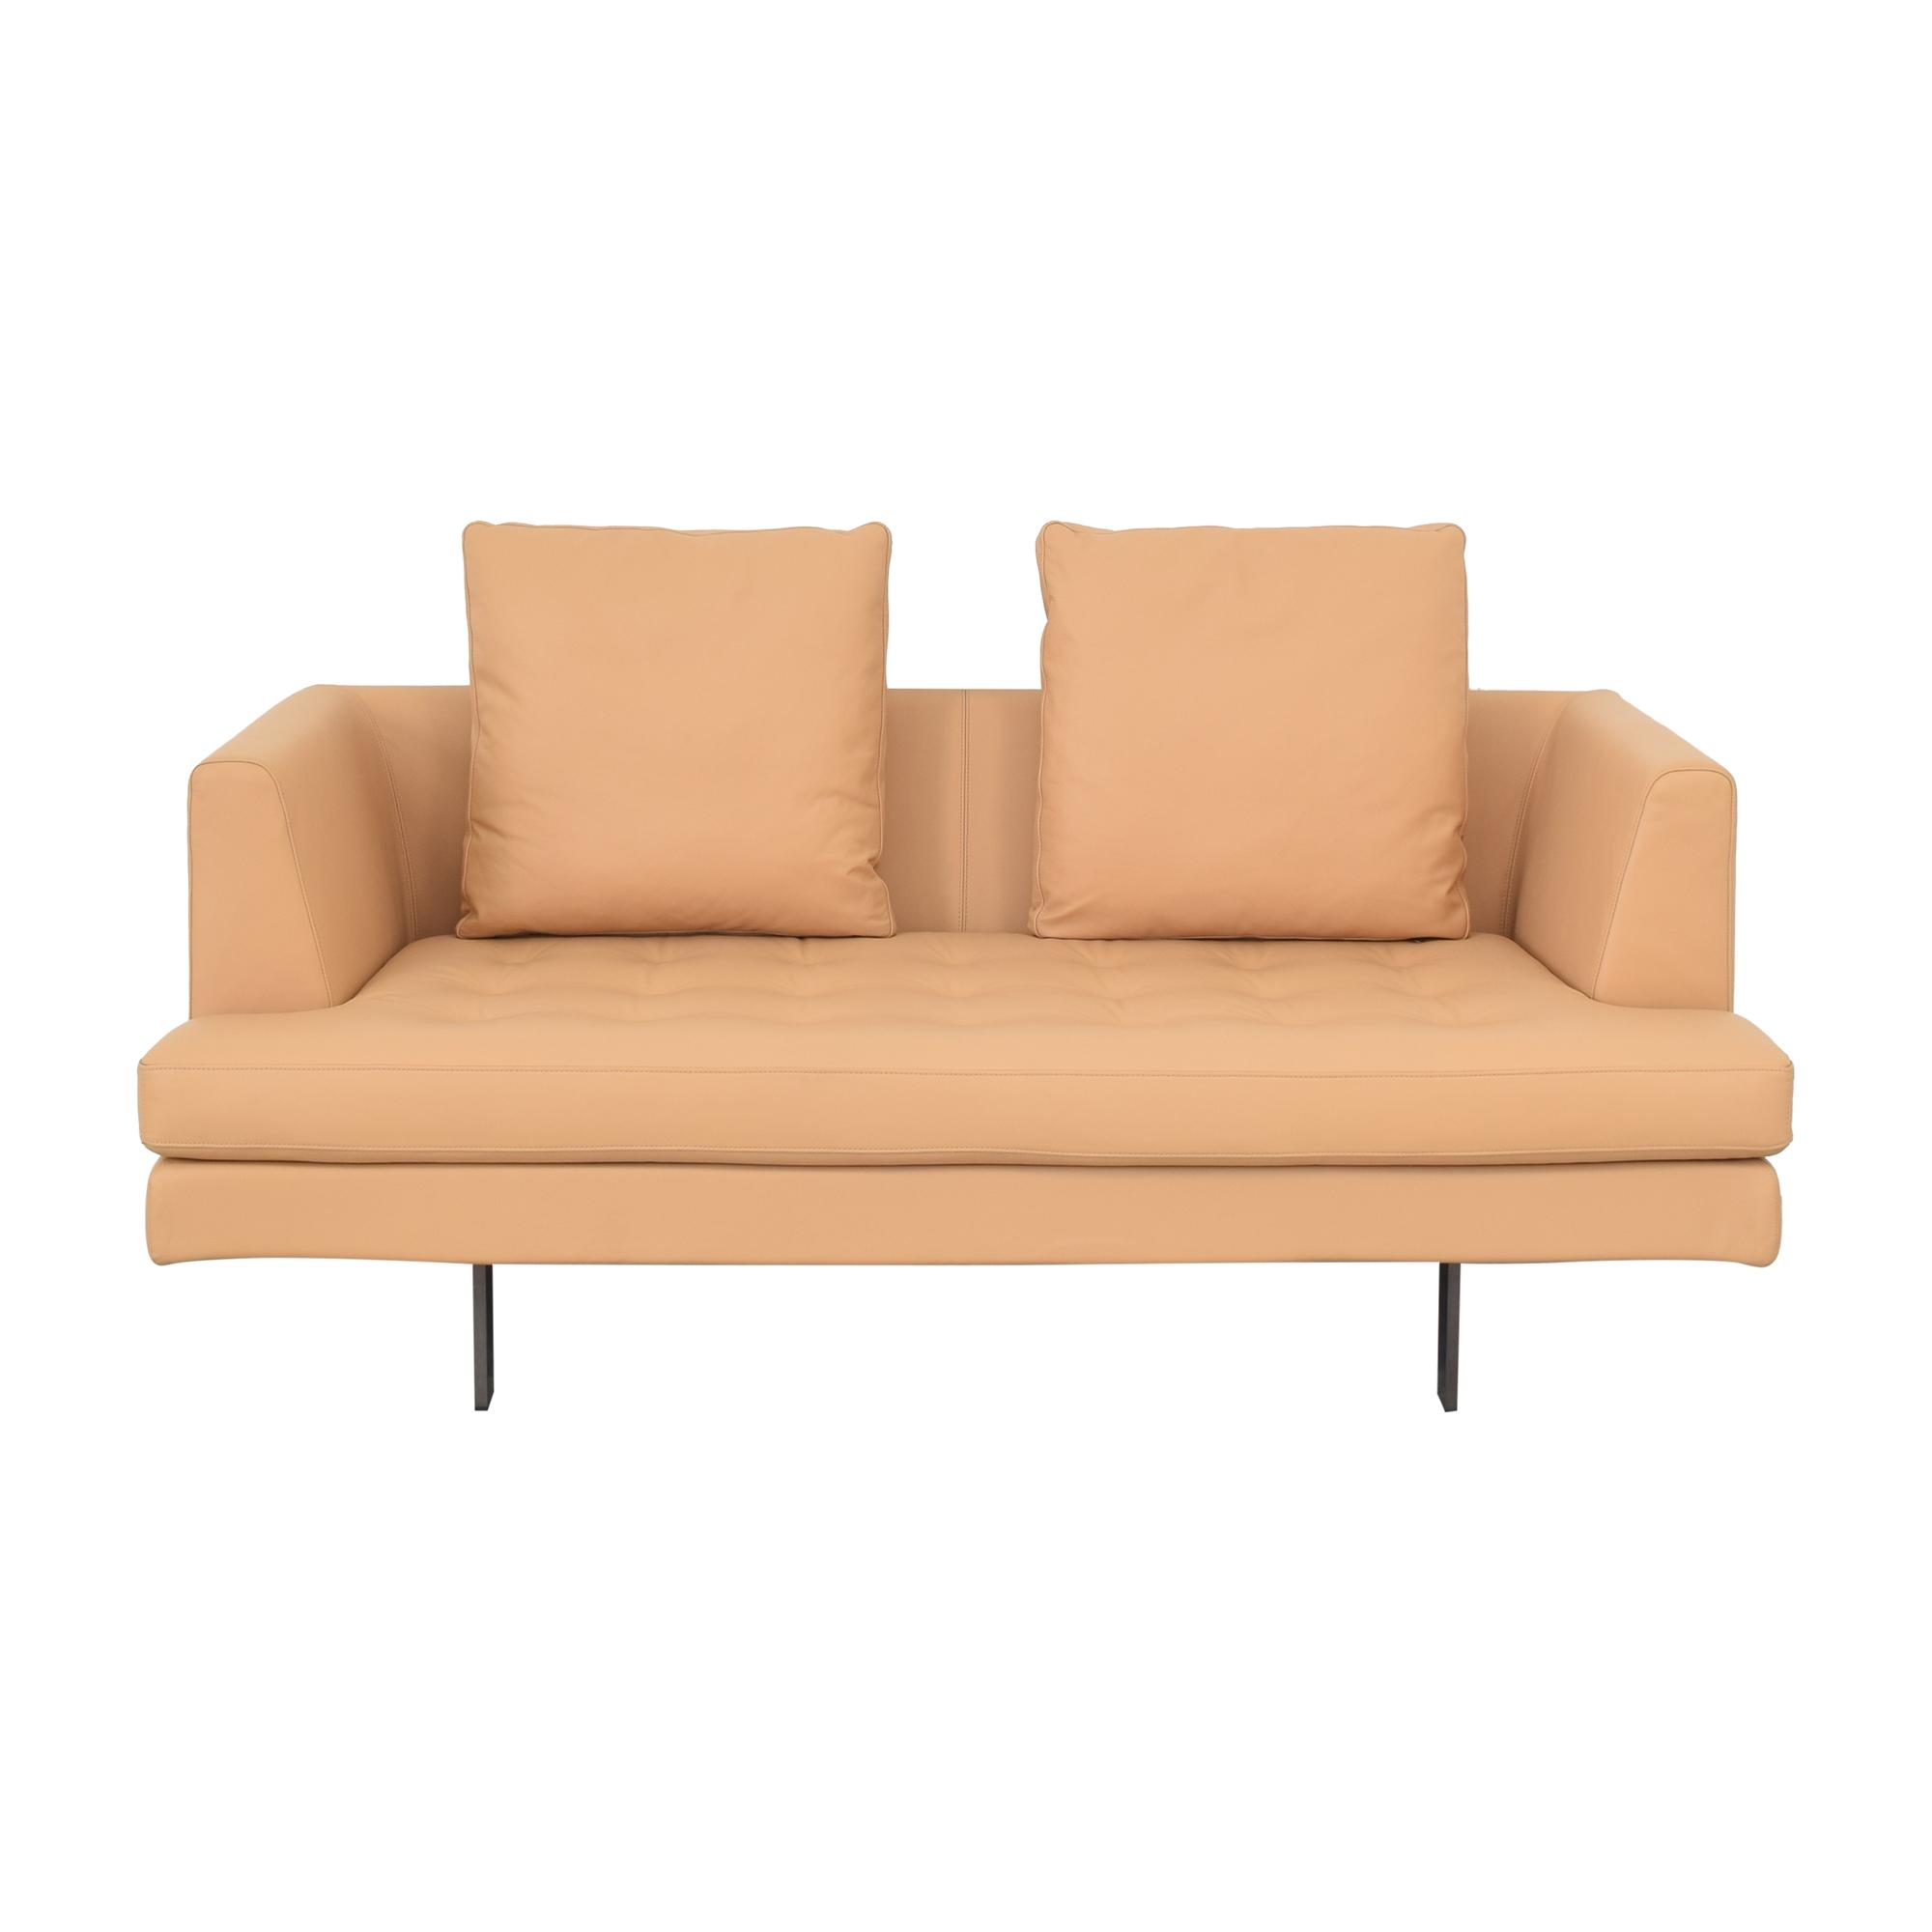 Bensen Bensen Edward Sofa Classic Sofas